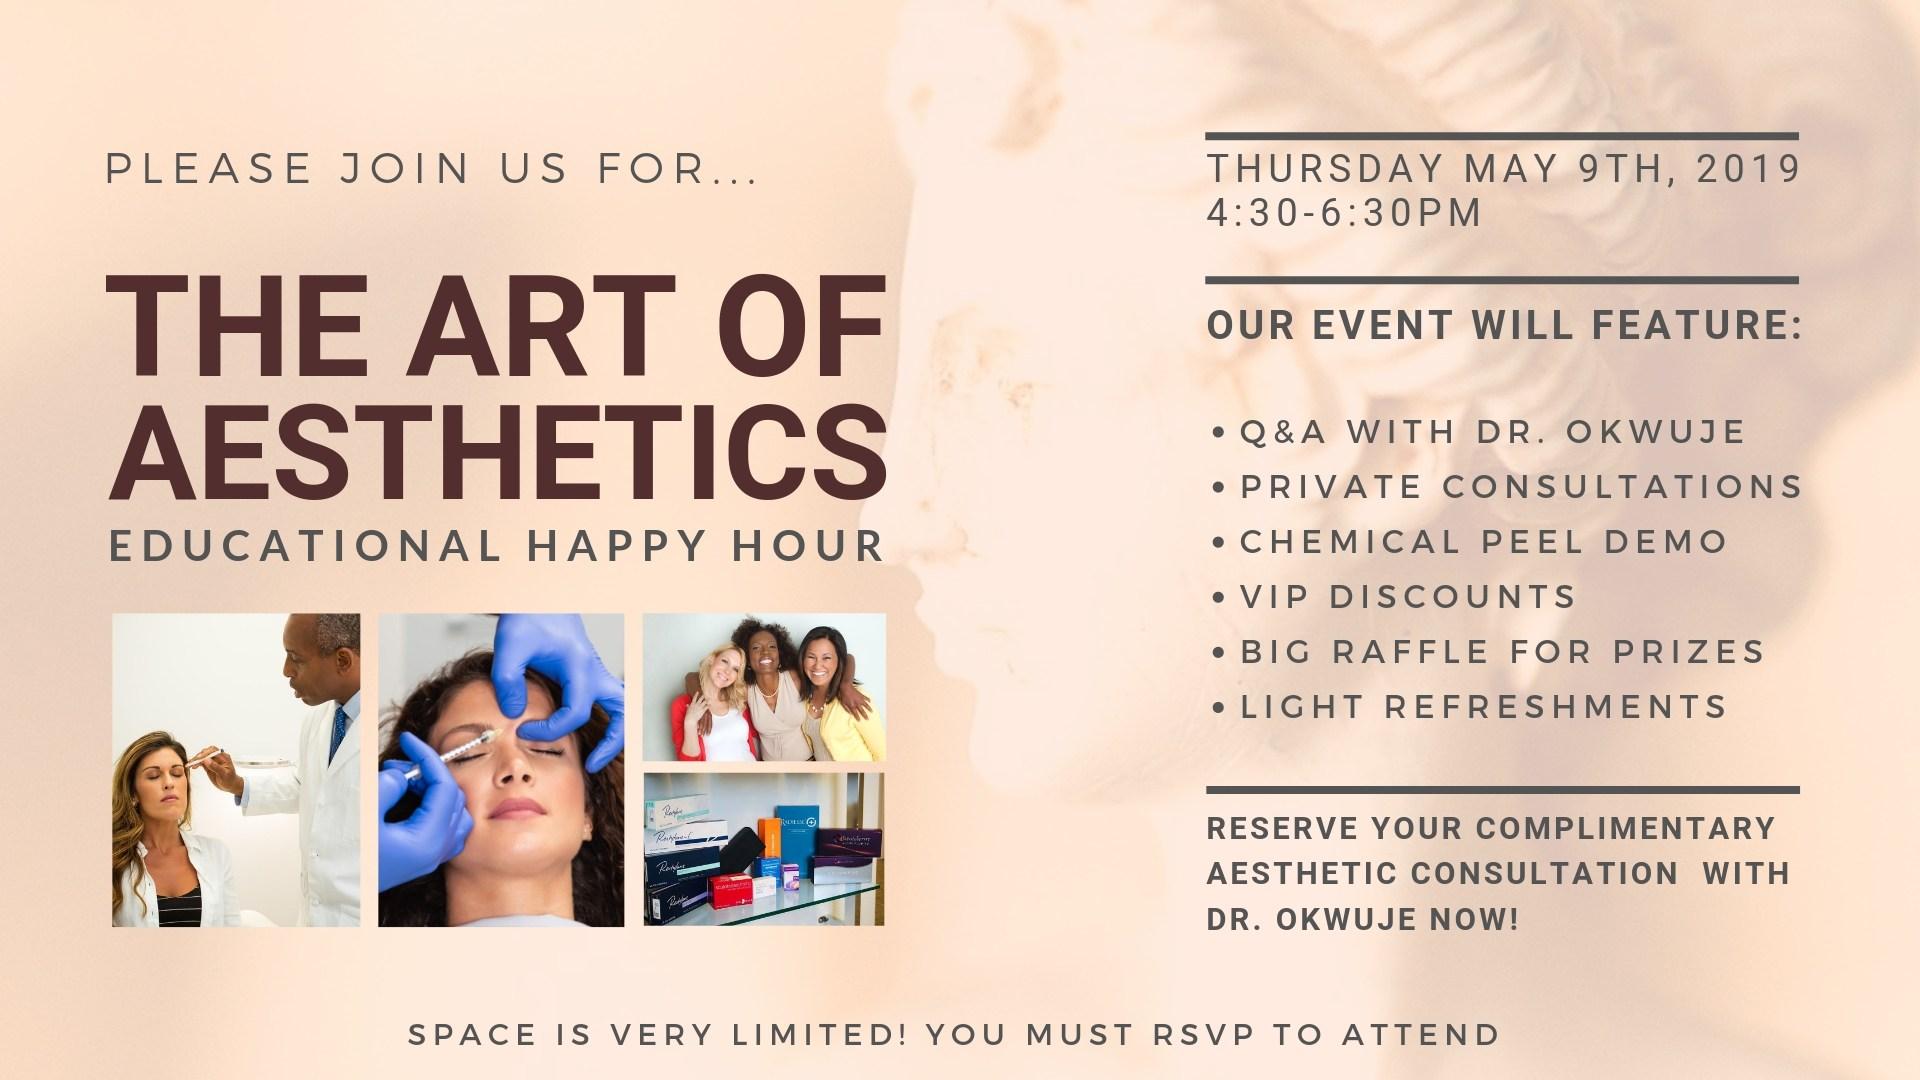 The Art of Aesthetics Happy Hour